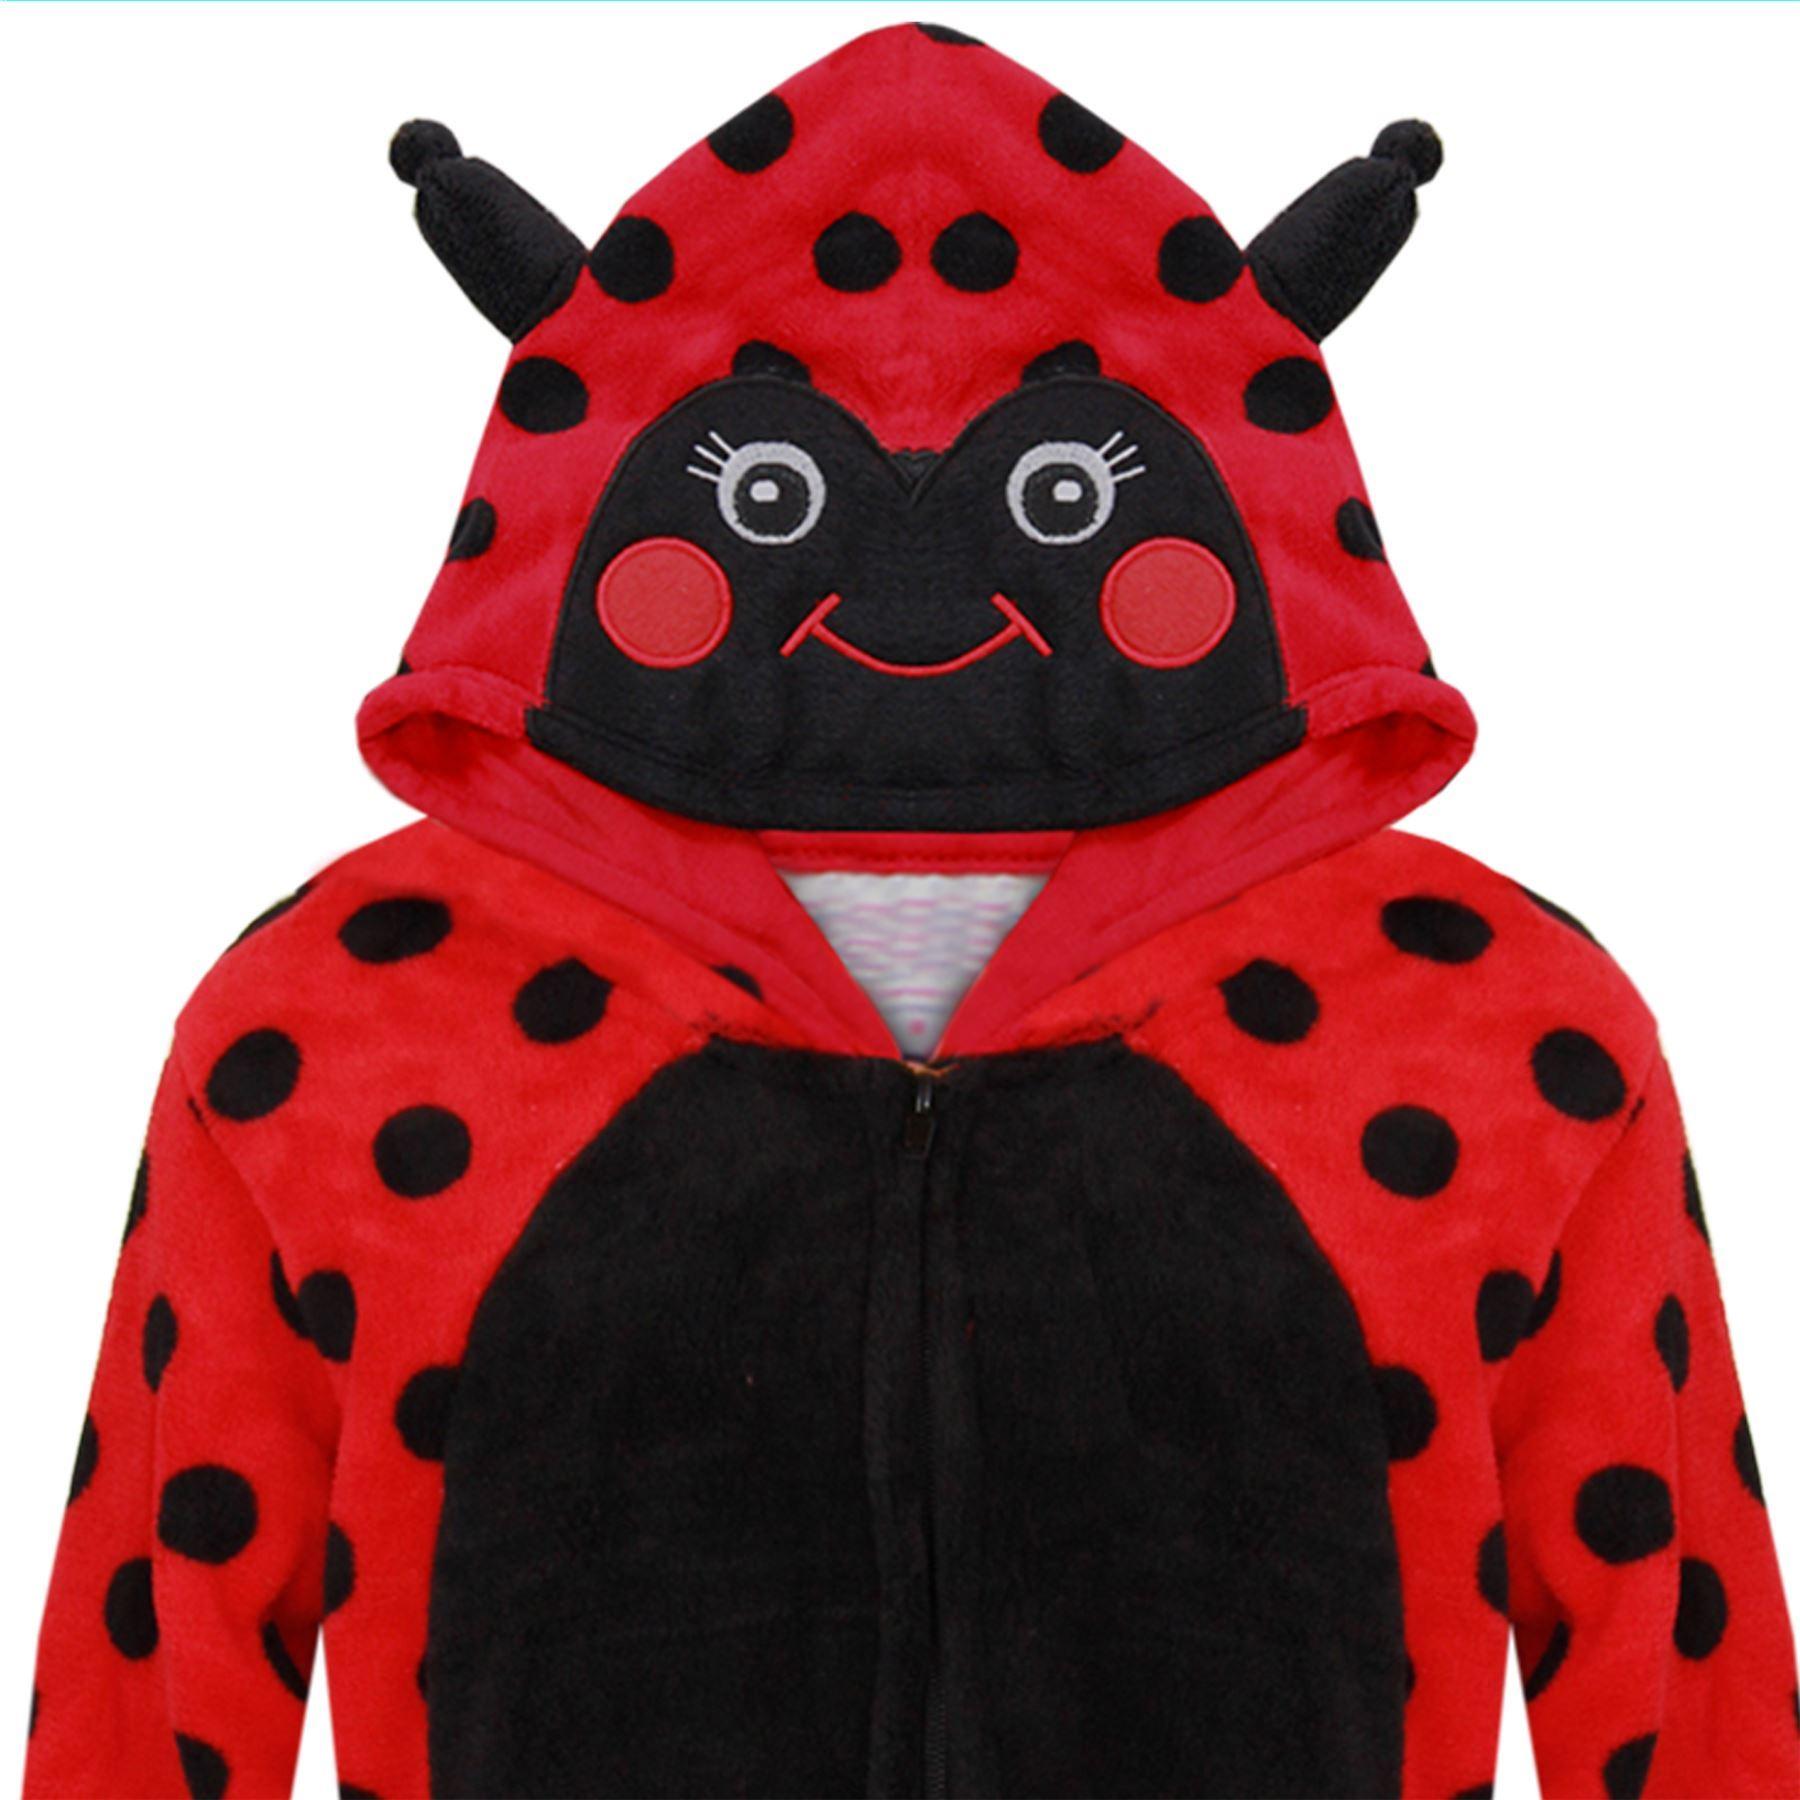 Kids-Girls-Boys-Soft-Fluffy-Animal-Monkey-A2Z-Onesie-One-Piece-Halloween-Costume miniatuur 28